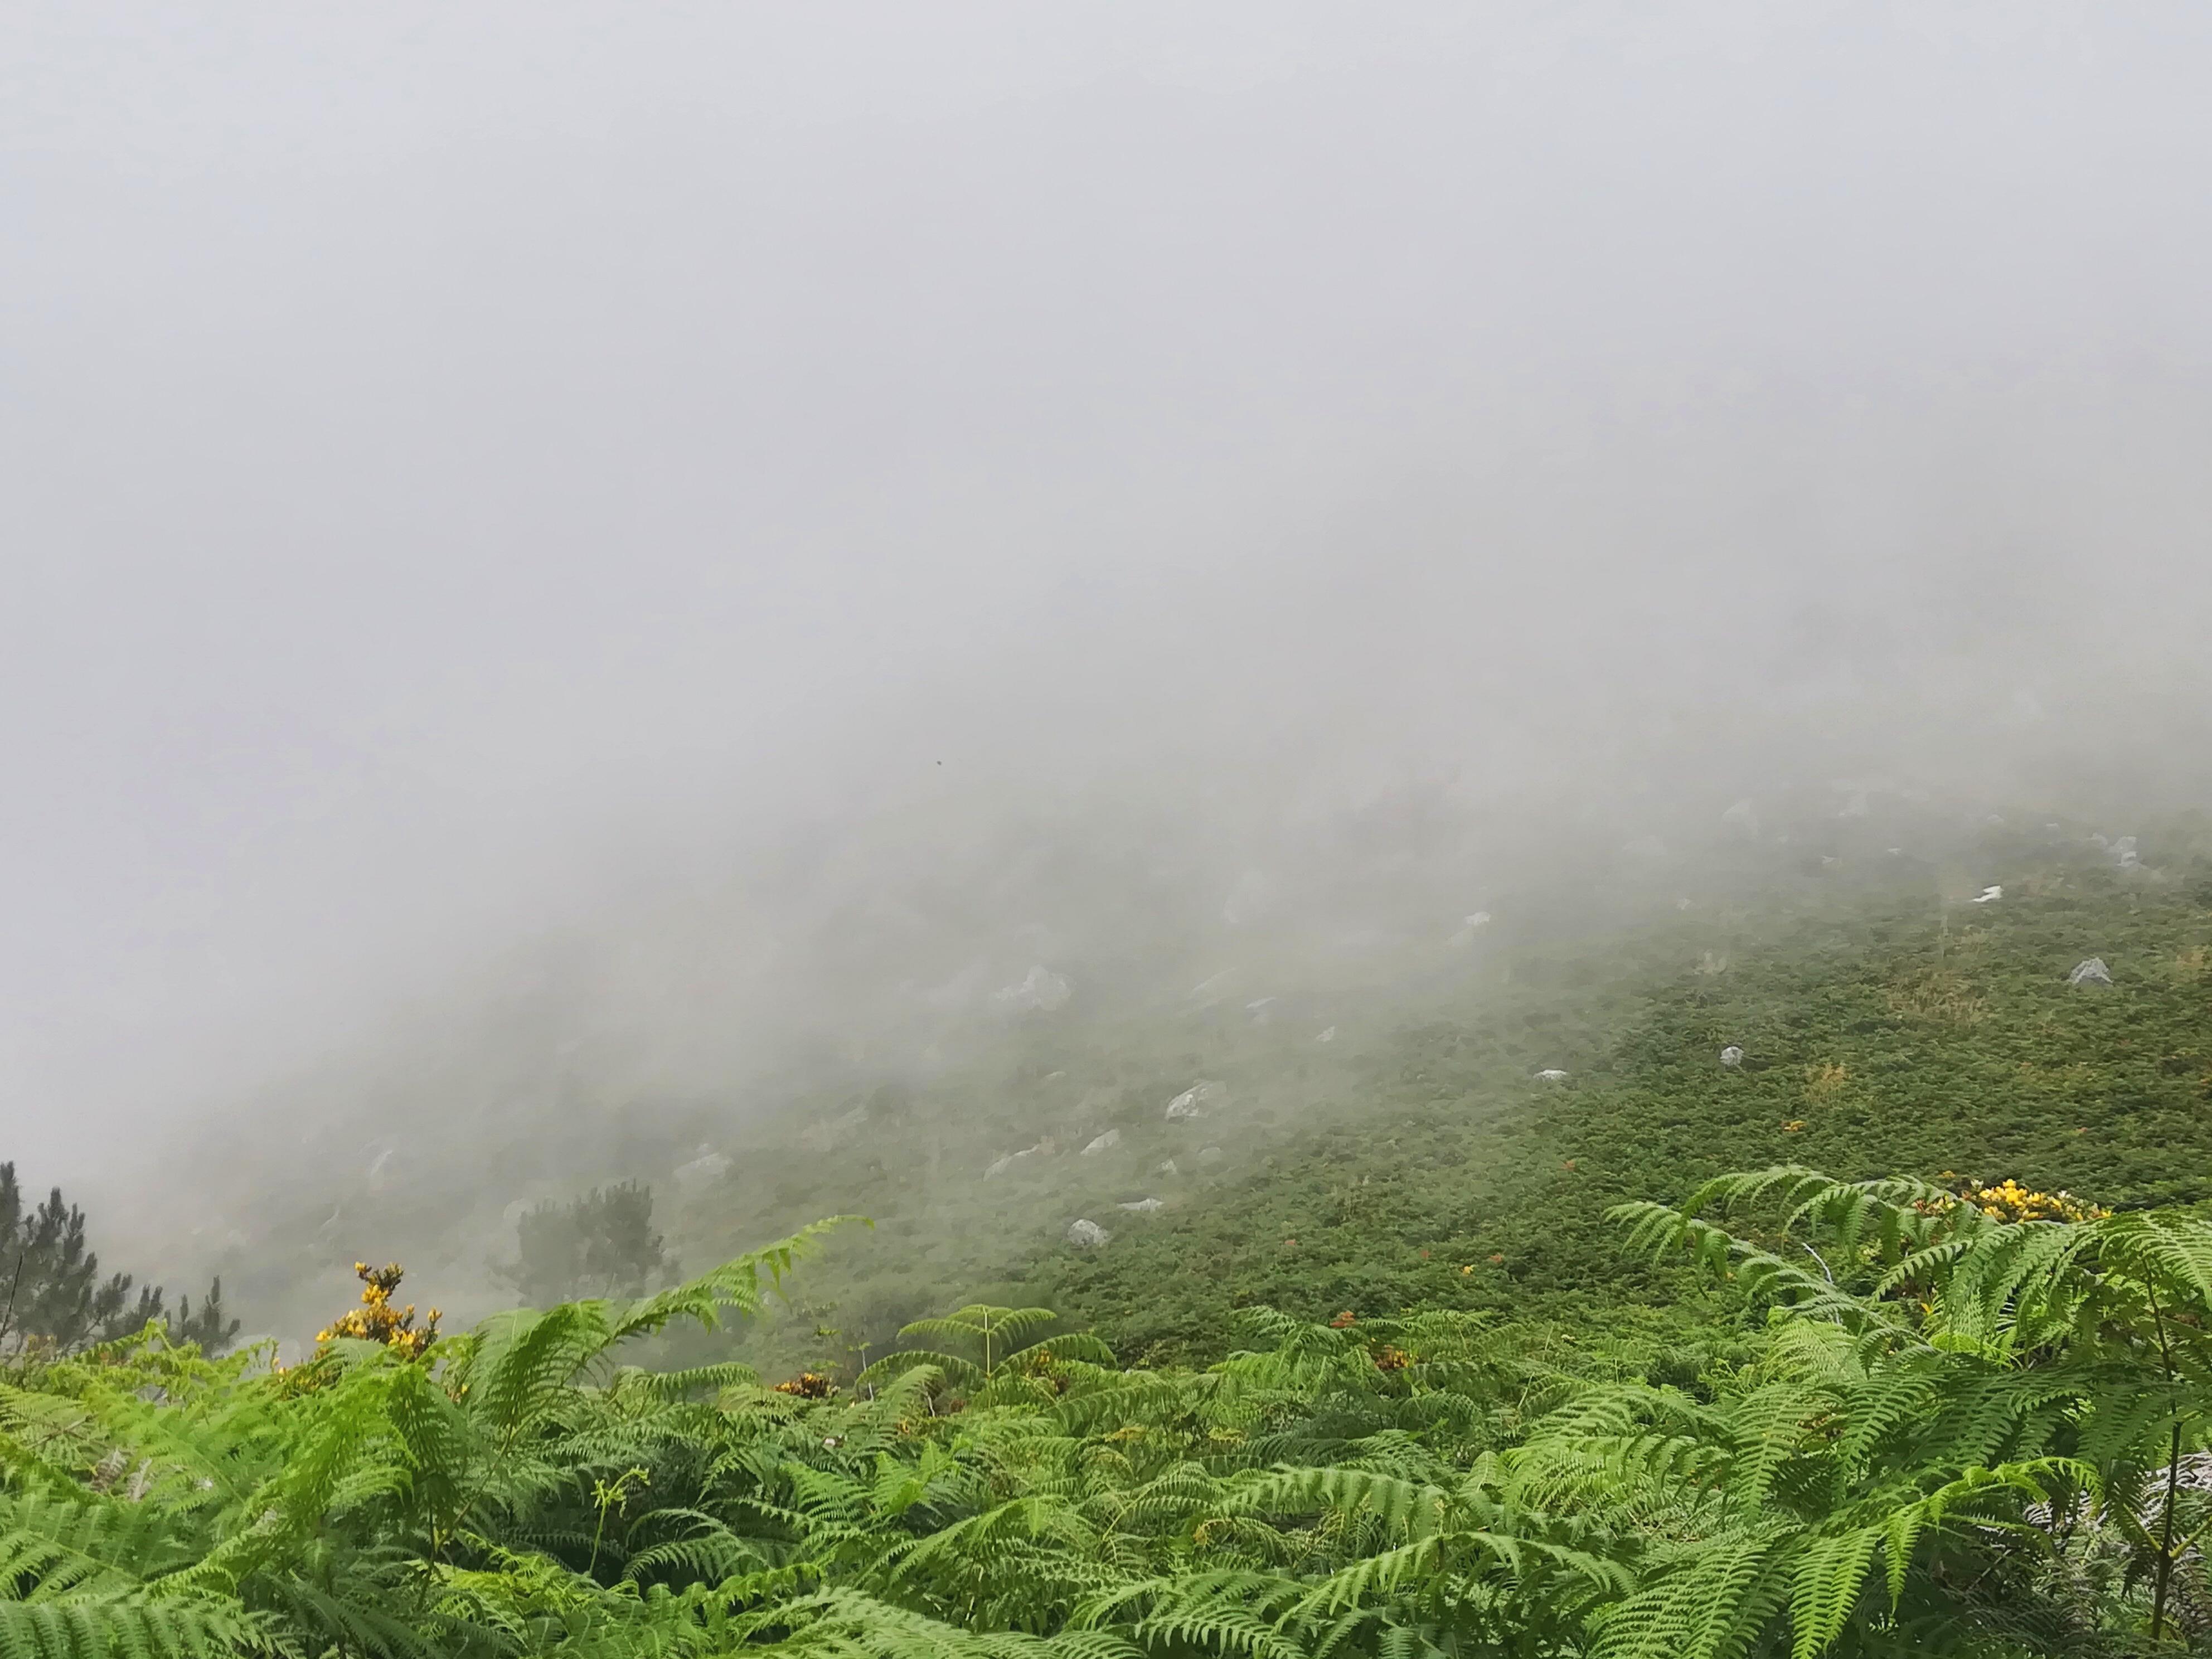 Senda Litoral - Cammino Portoghese | Una Passeggiata